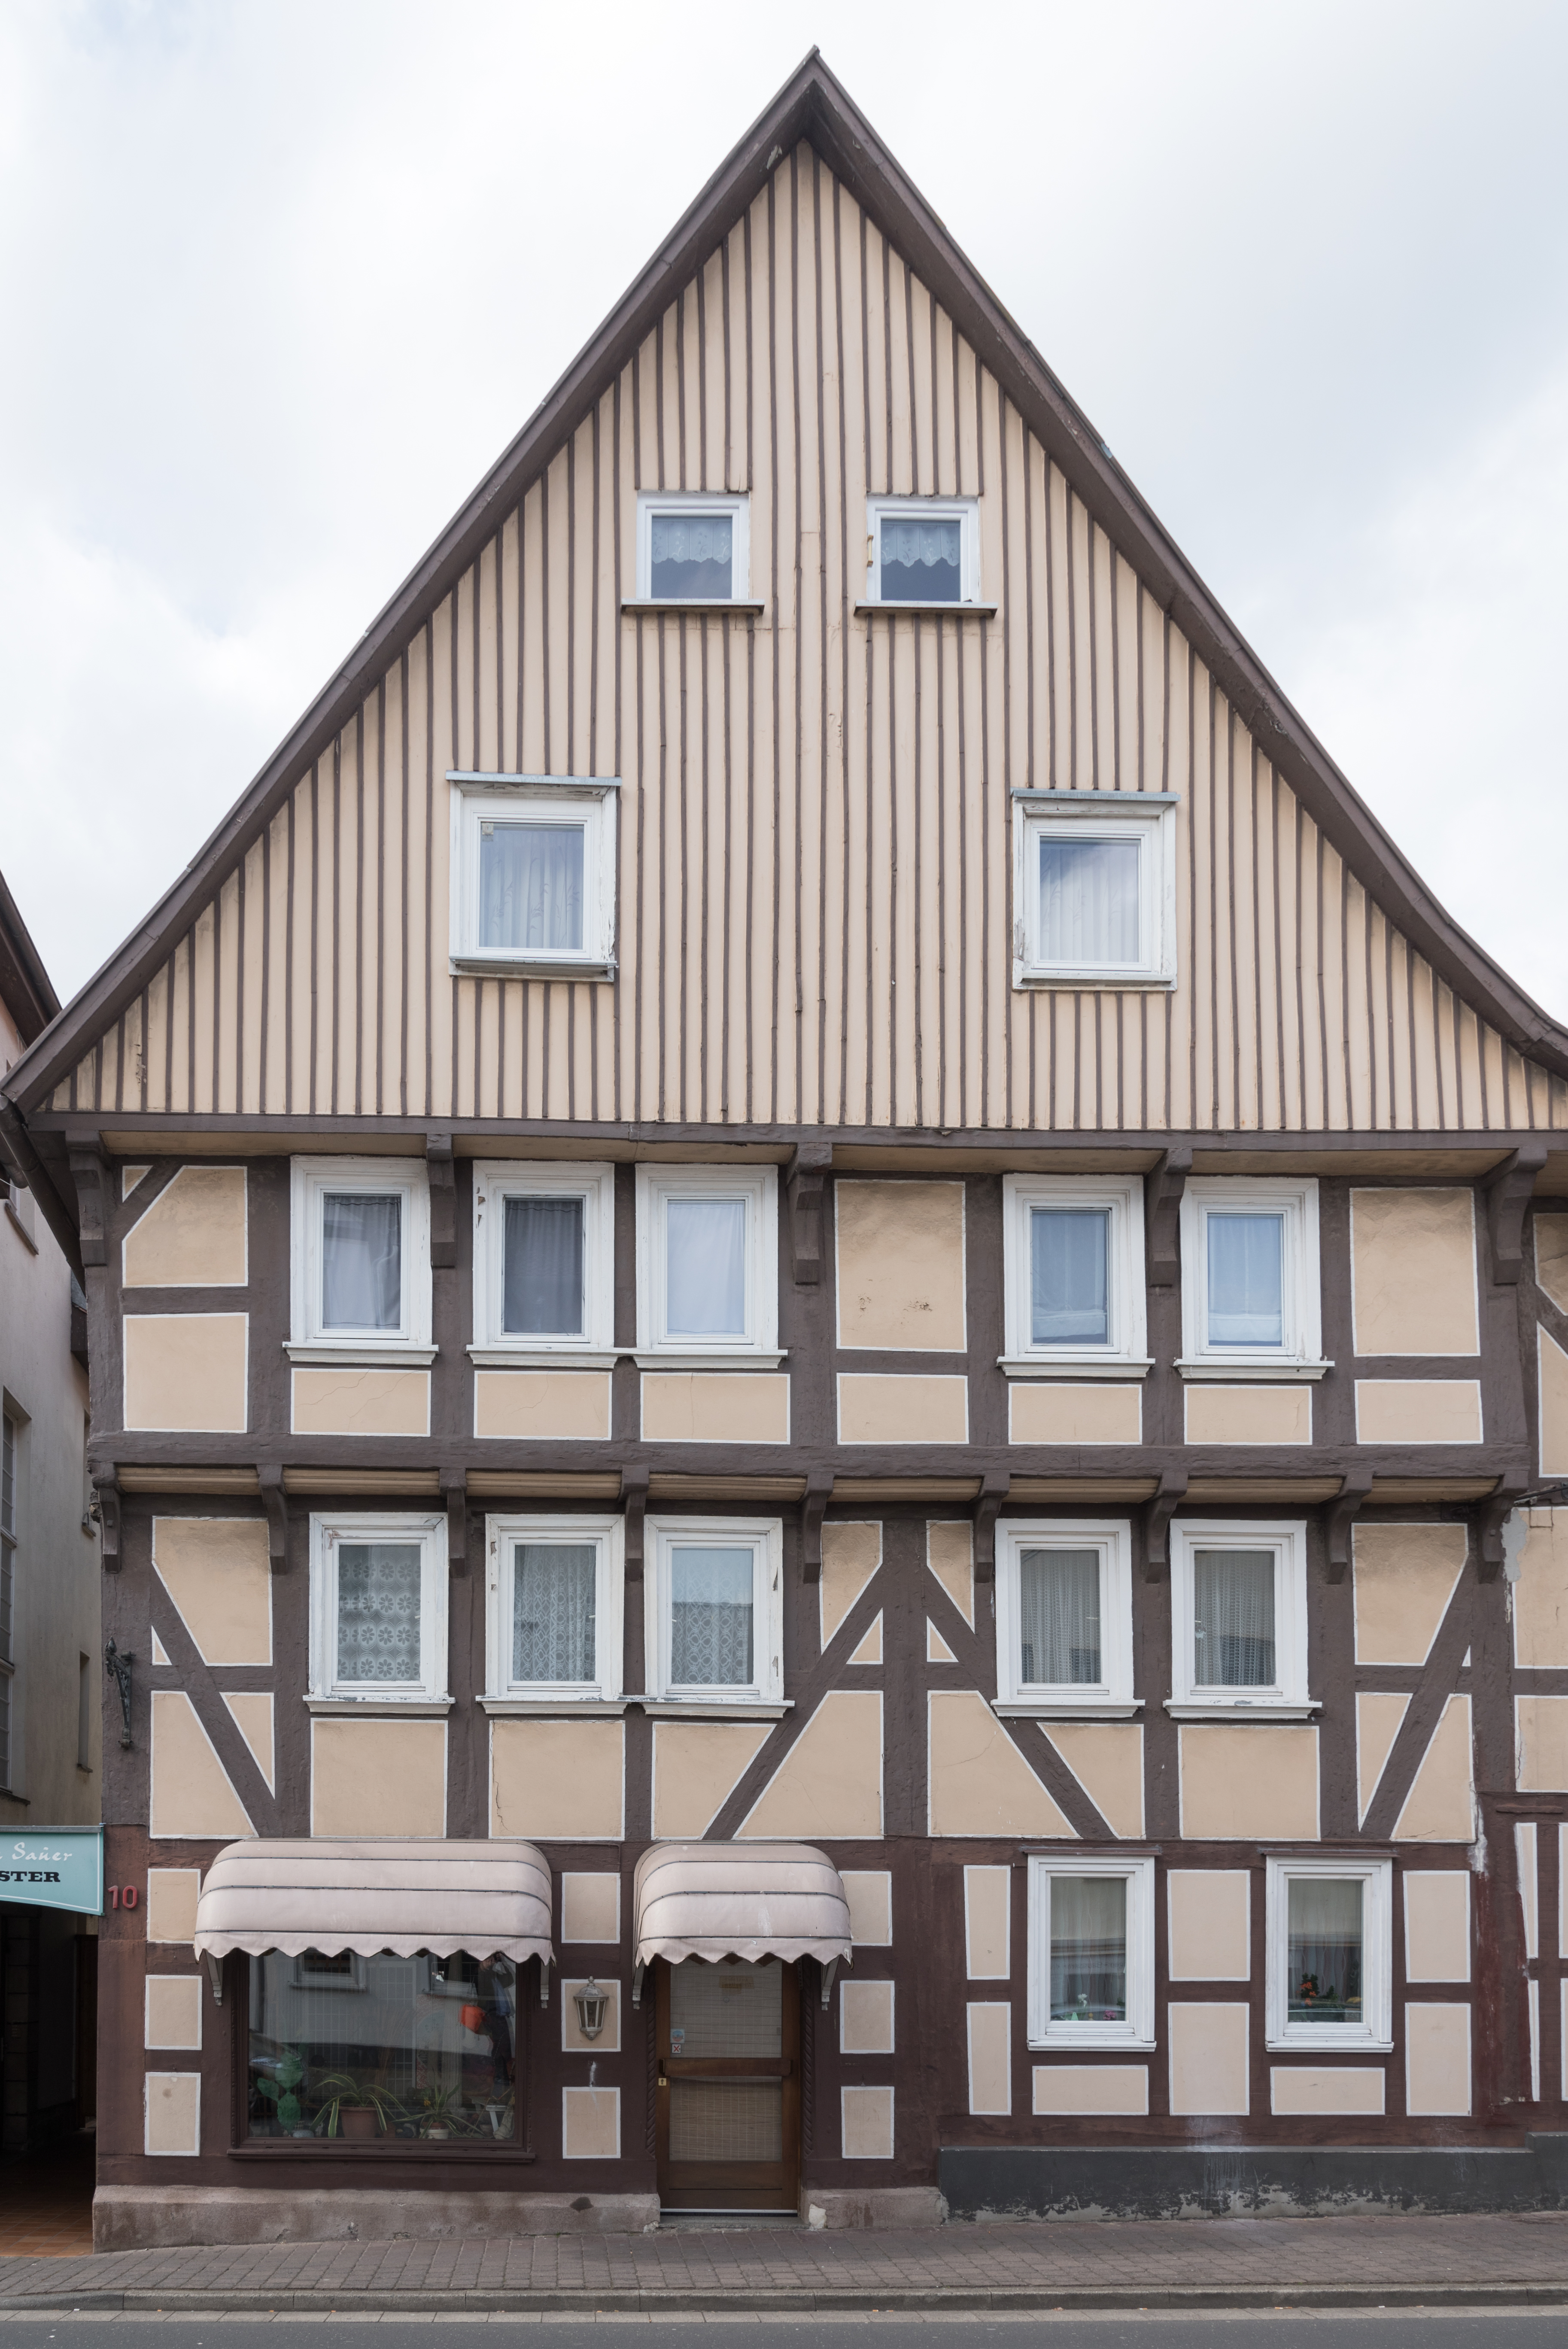 Bad Neumarkt